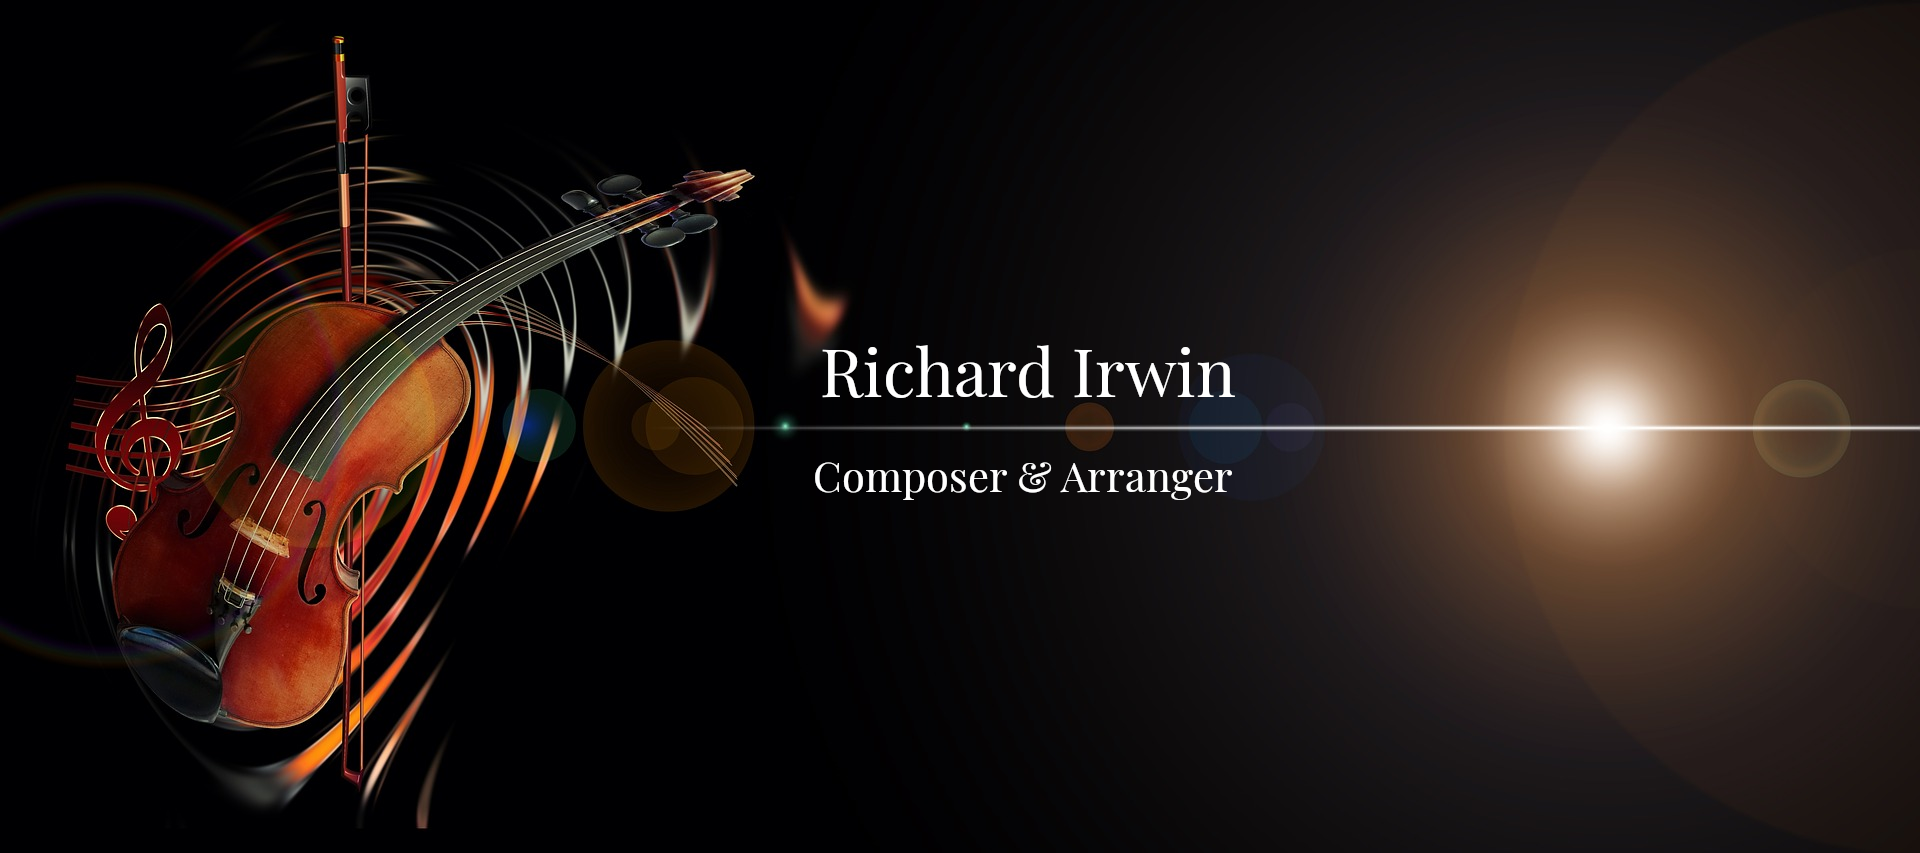 Richard Irwin Music